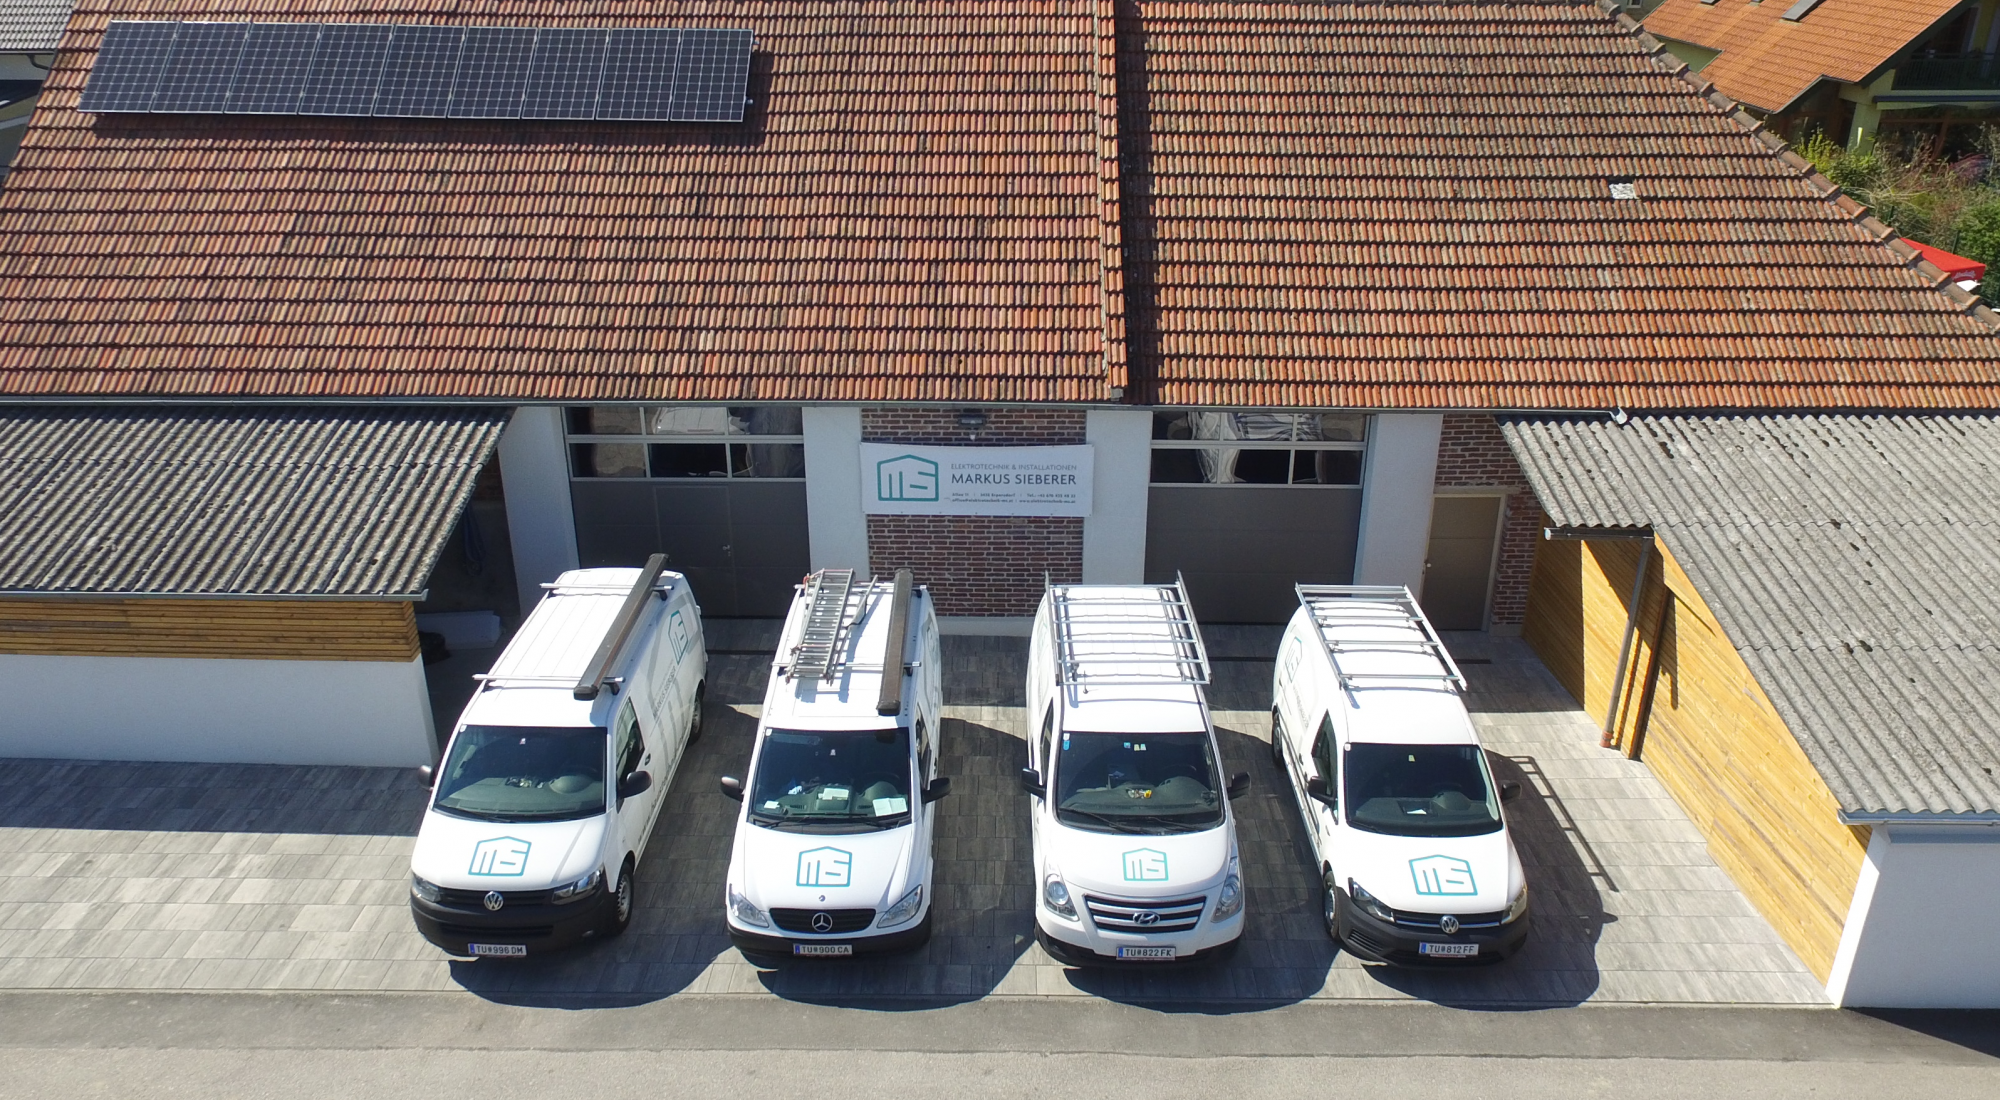 Fahrzeuge in Einfahrt von Haustechnik Markus Sieberer